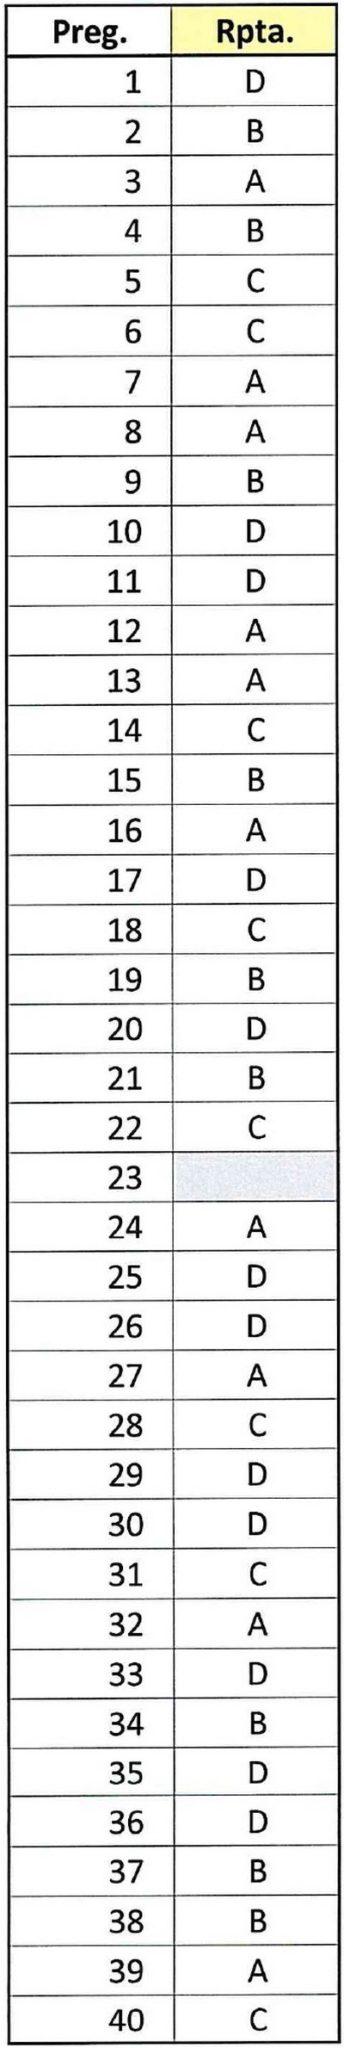 respuestas examen Correos b convocatoria 2018 parte reparto y clasificacion